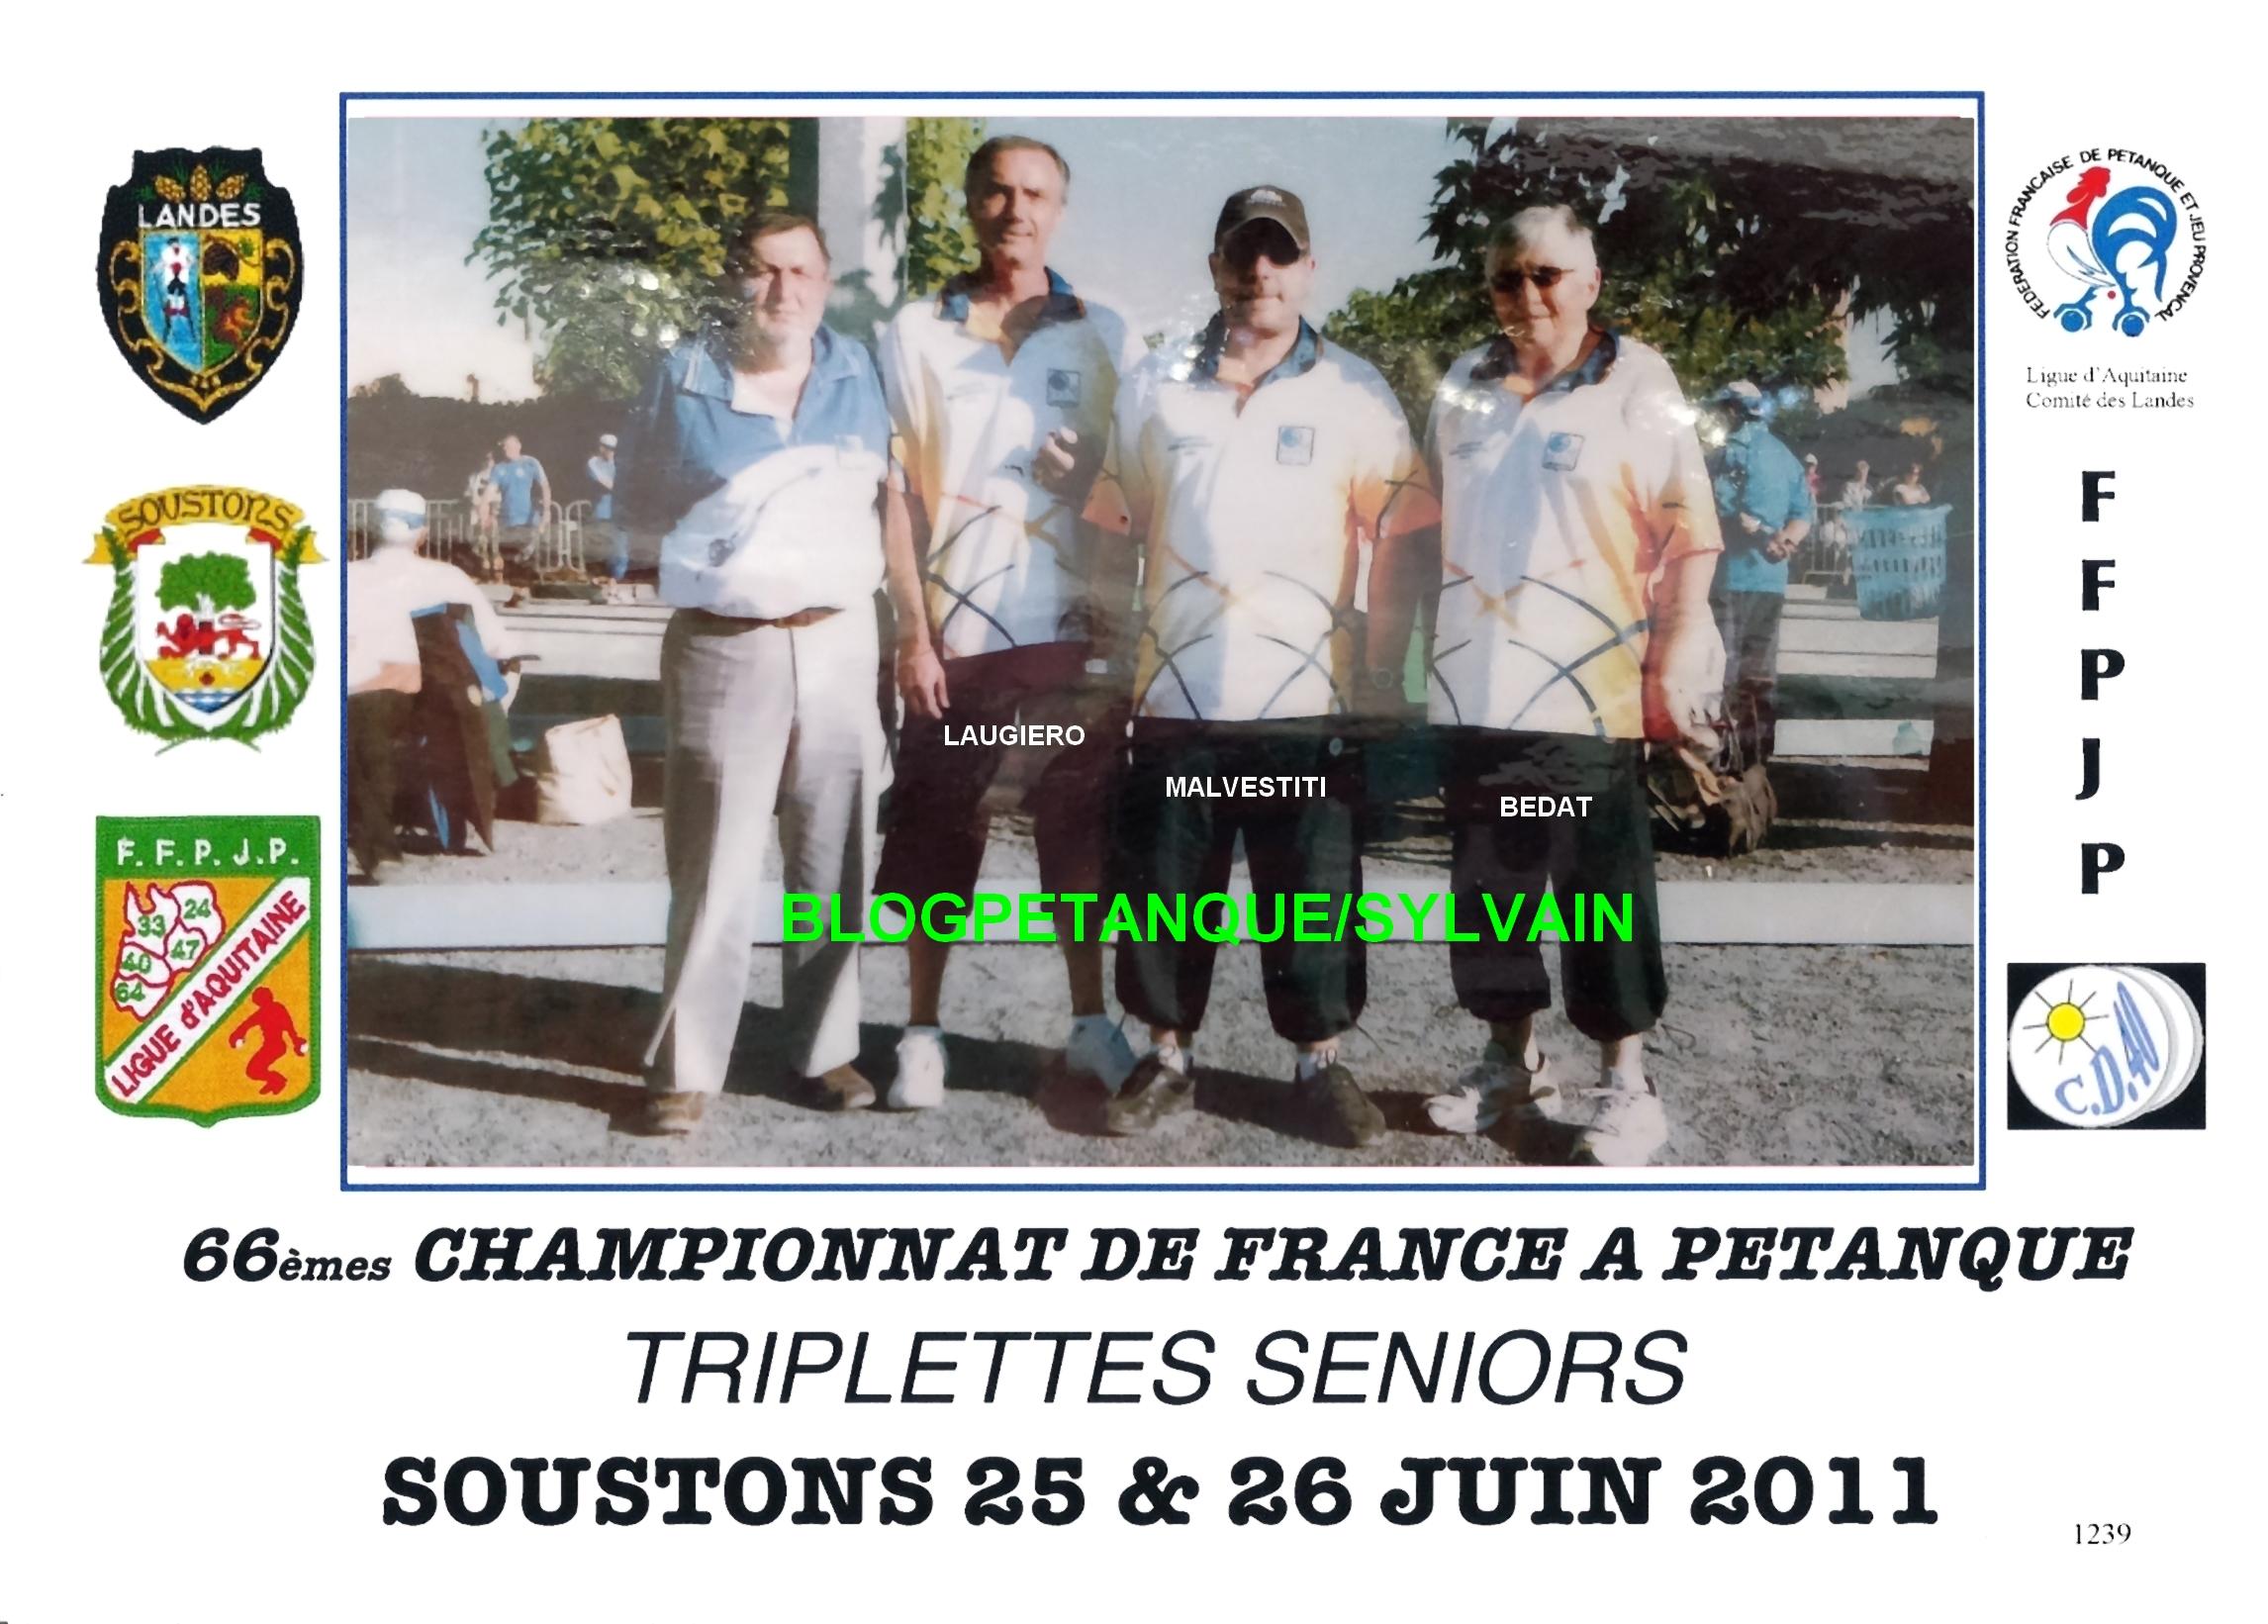 Les champions promotions du 06